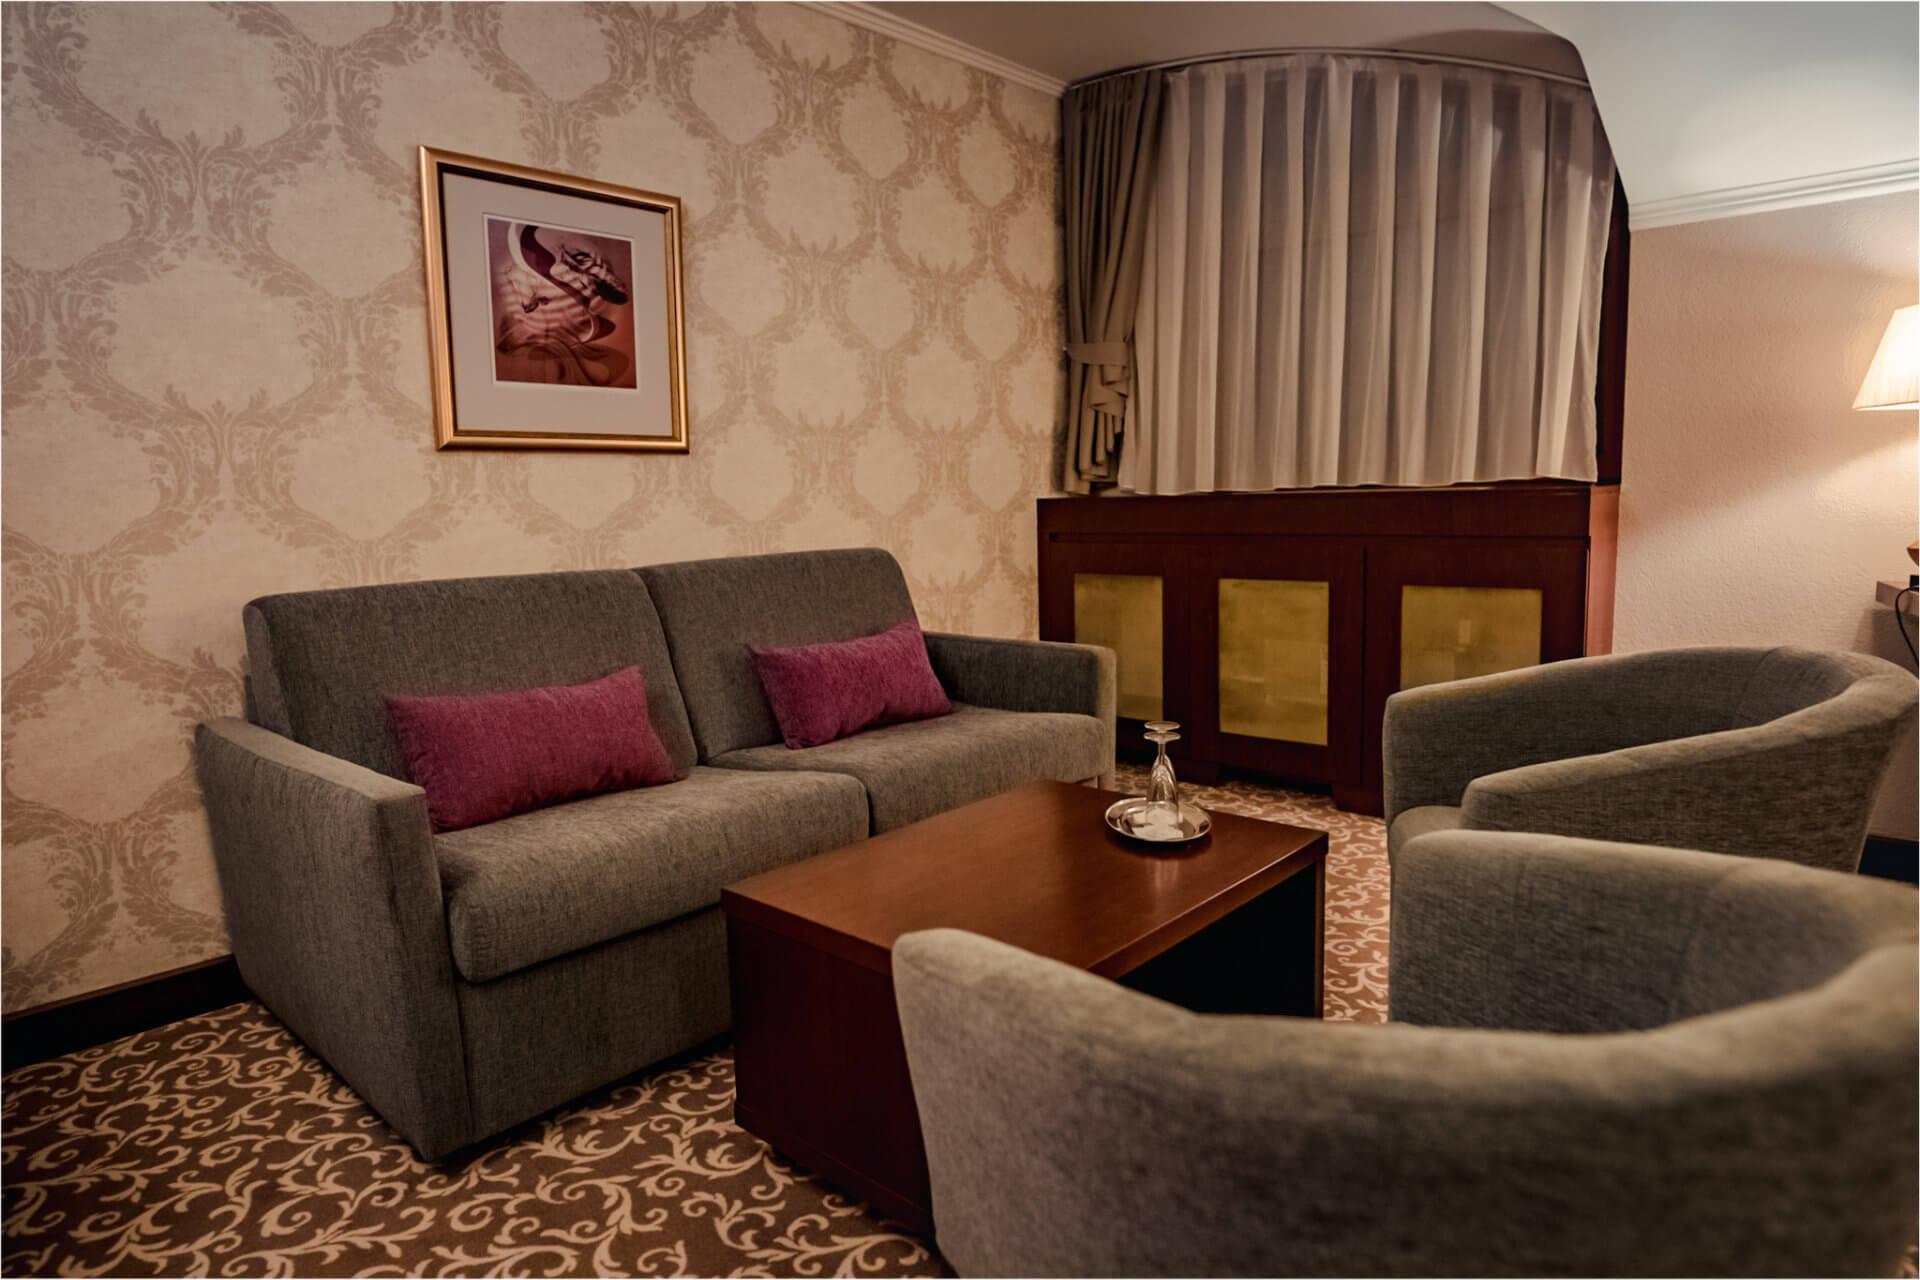 1-izbová suita v prevedení Lux